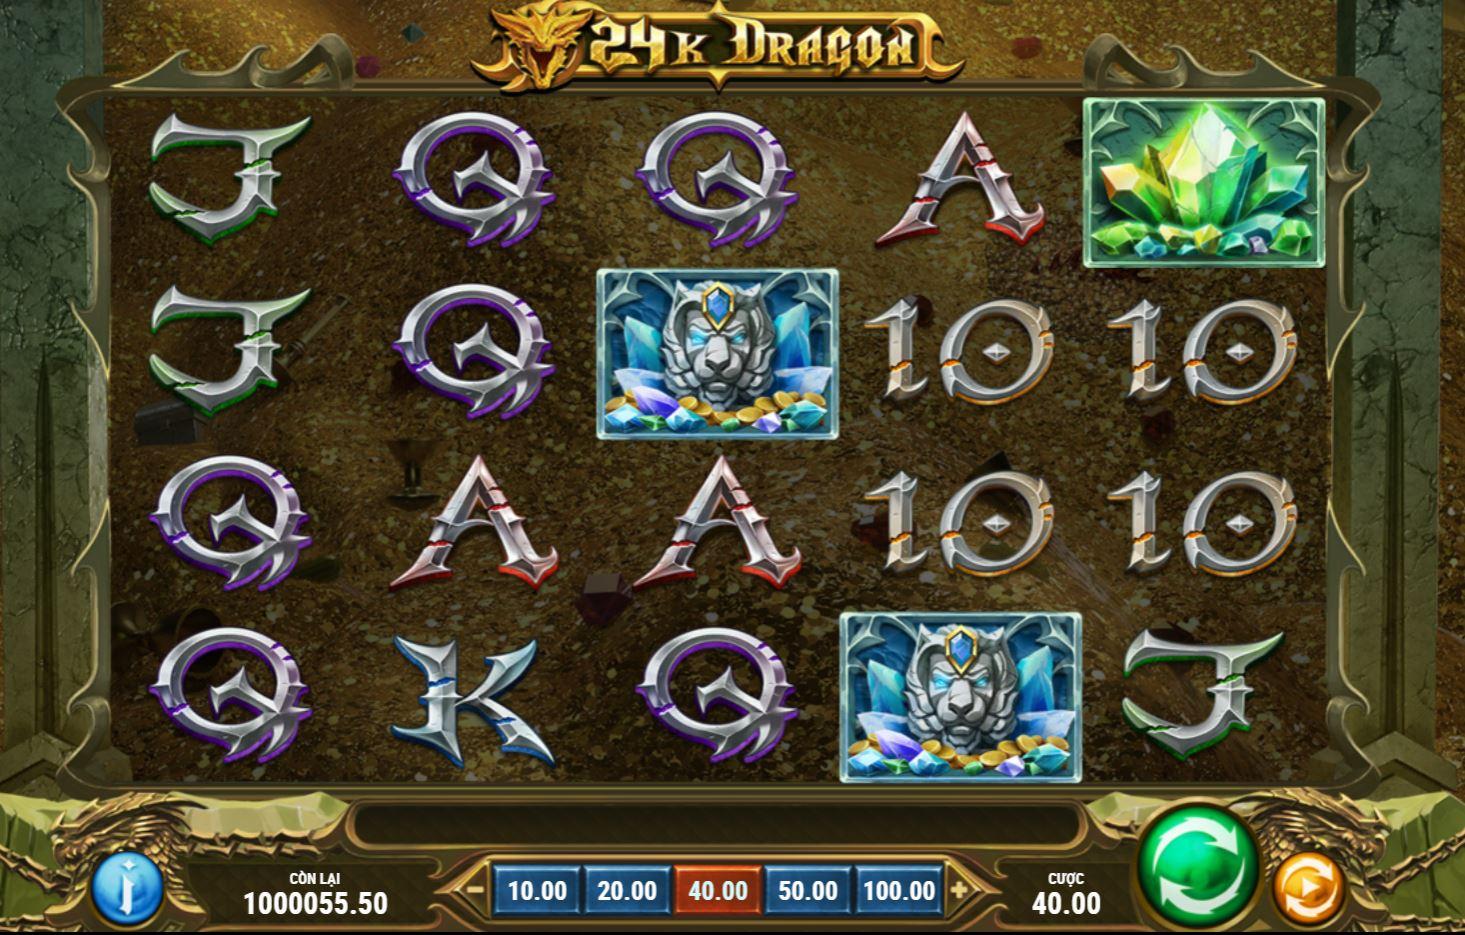 Review trải nghiệm cách chơi và những tính năng của 24K Dragon - Rồng vàng